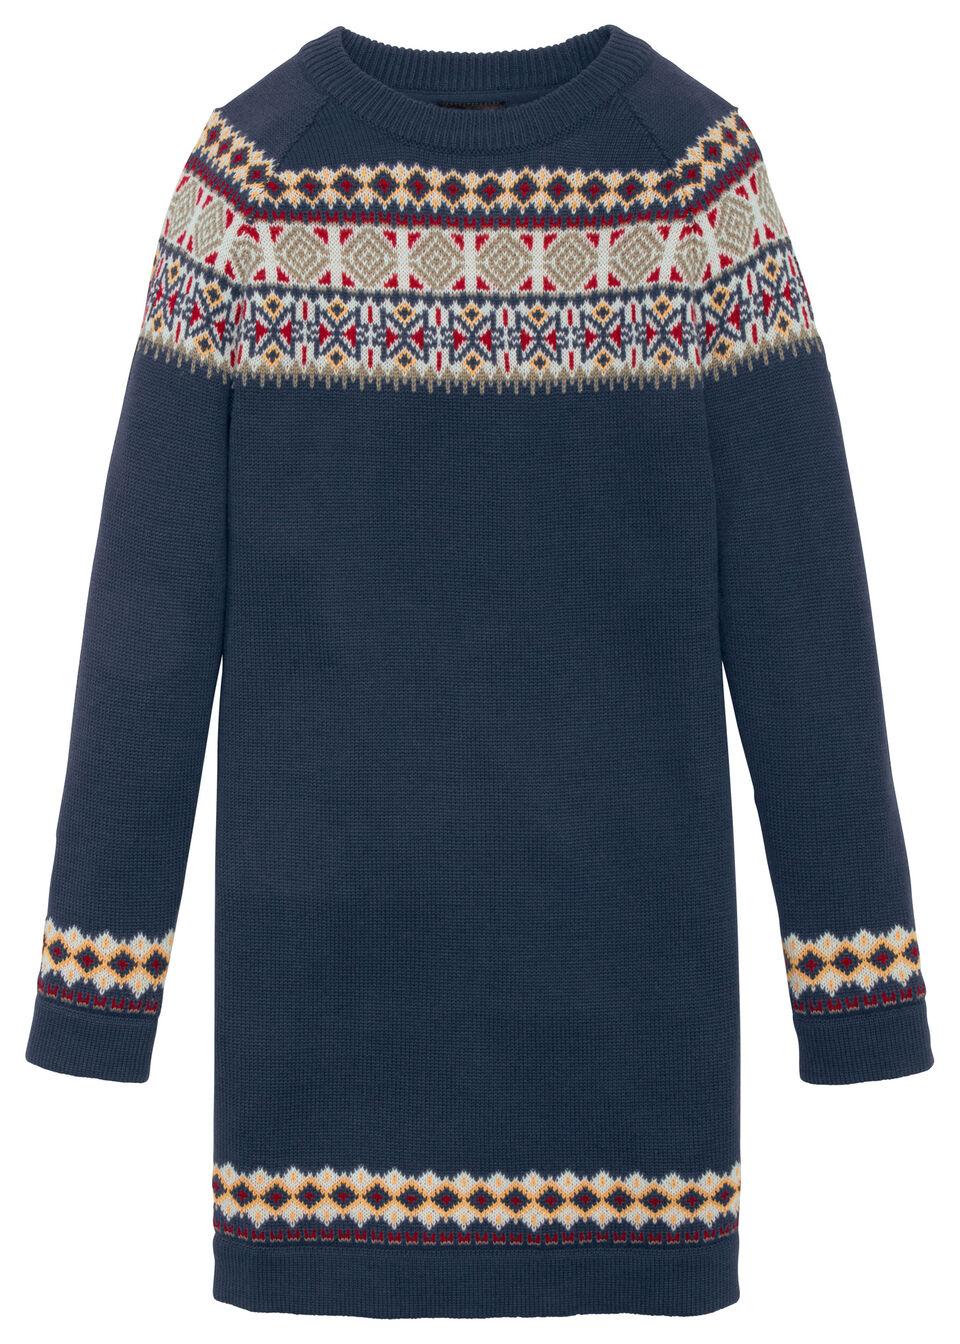 Платье вязаное с норвежским узором от bonprix